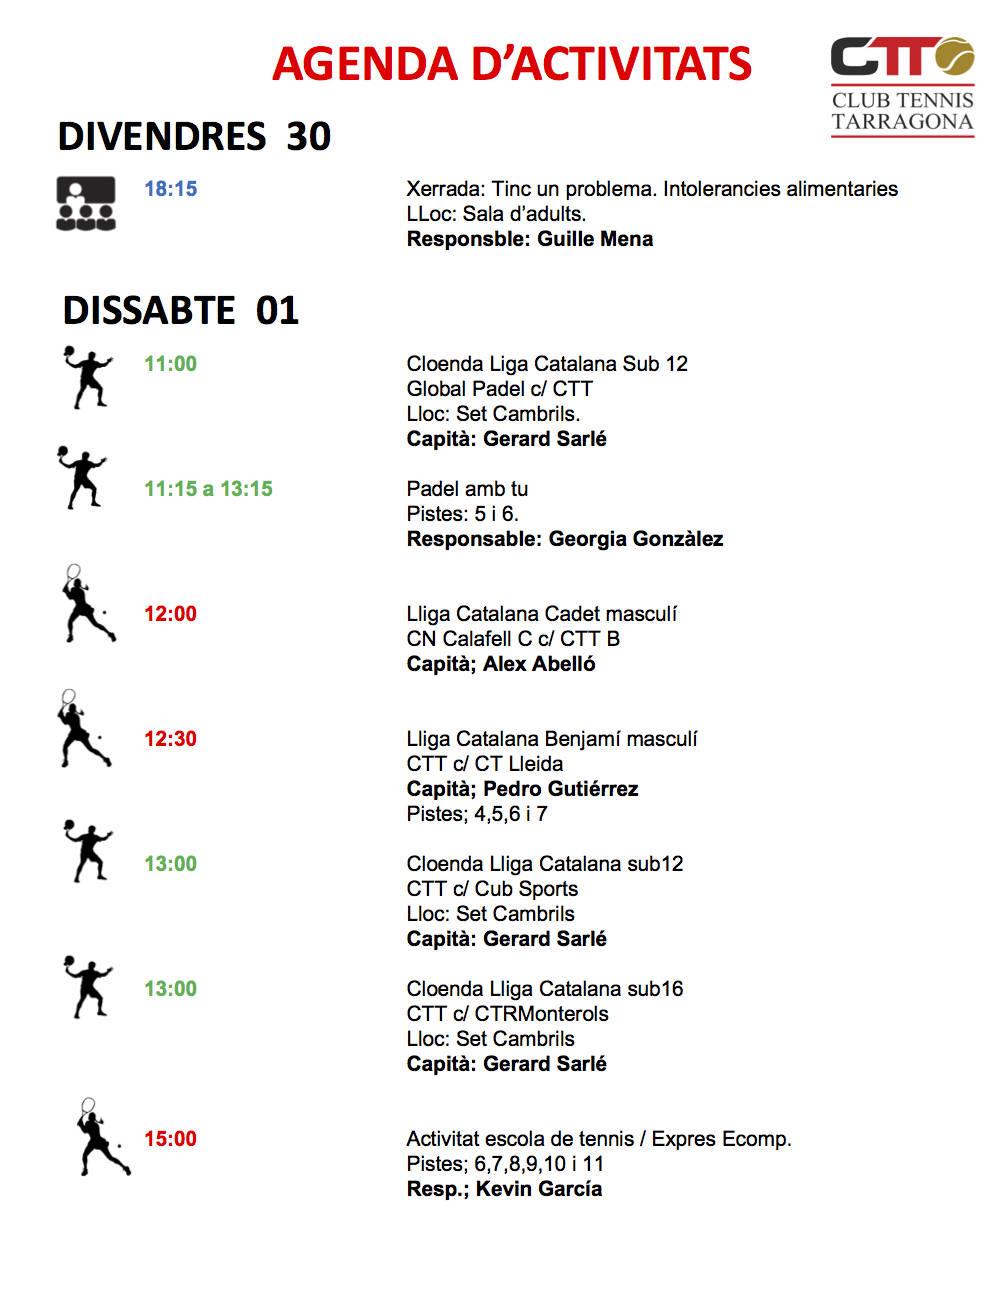 Agenda del fin de semana del 30 de noviembre, 1 y 2 de diciembre